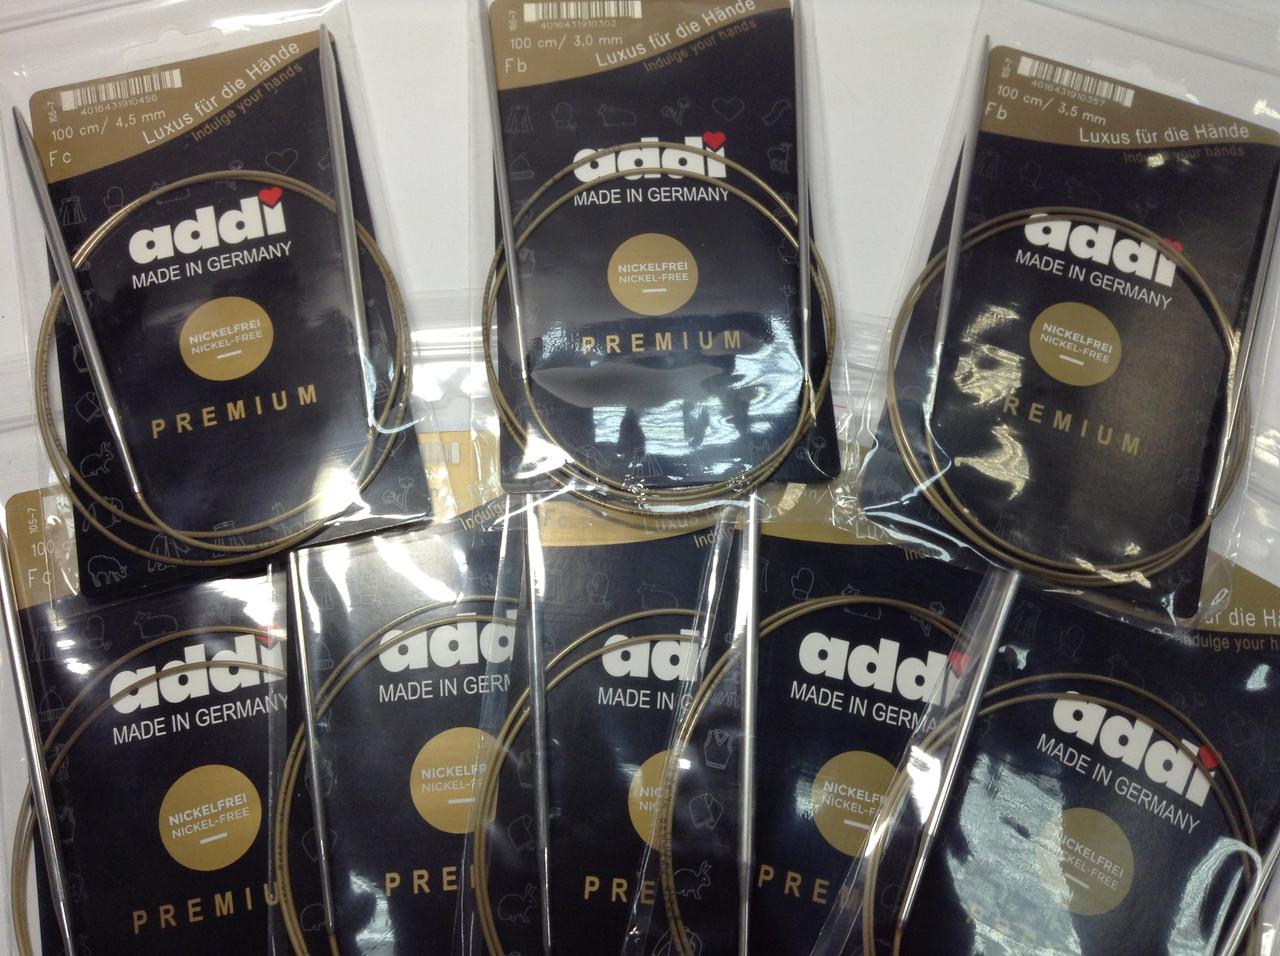 Спиці для кругового в'язання на золотій нитці Addi (Німеччина) - 100 см